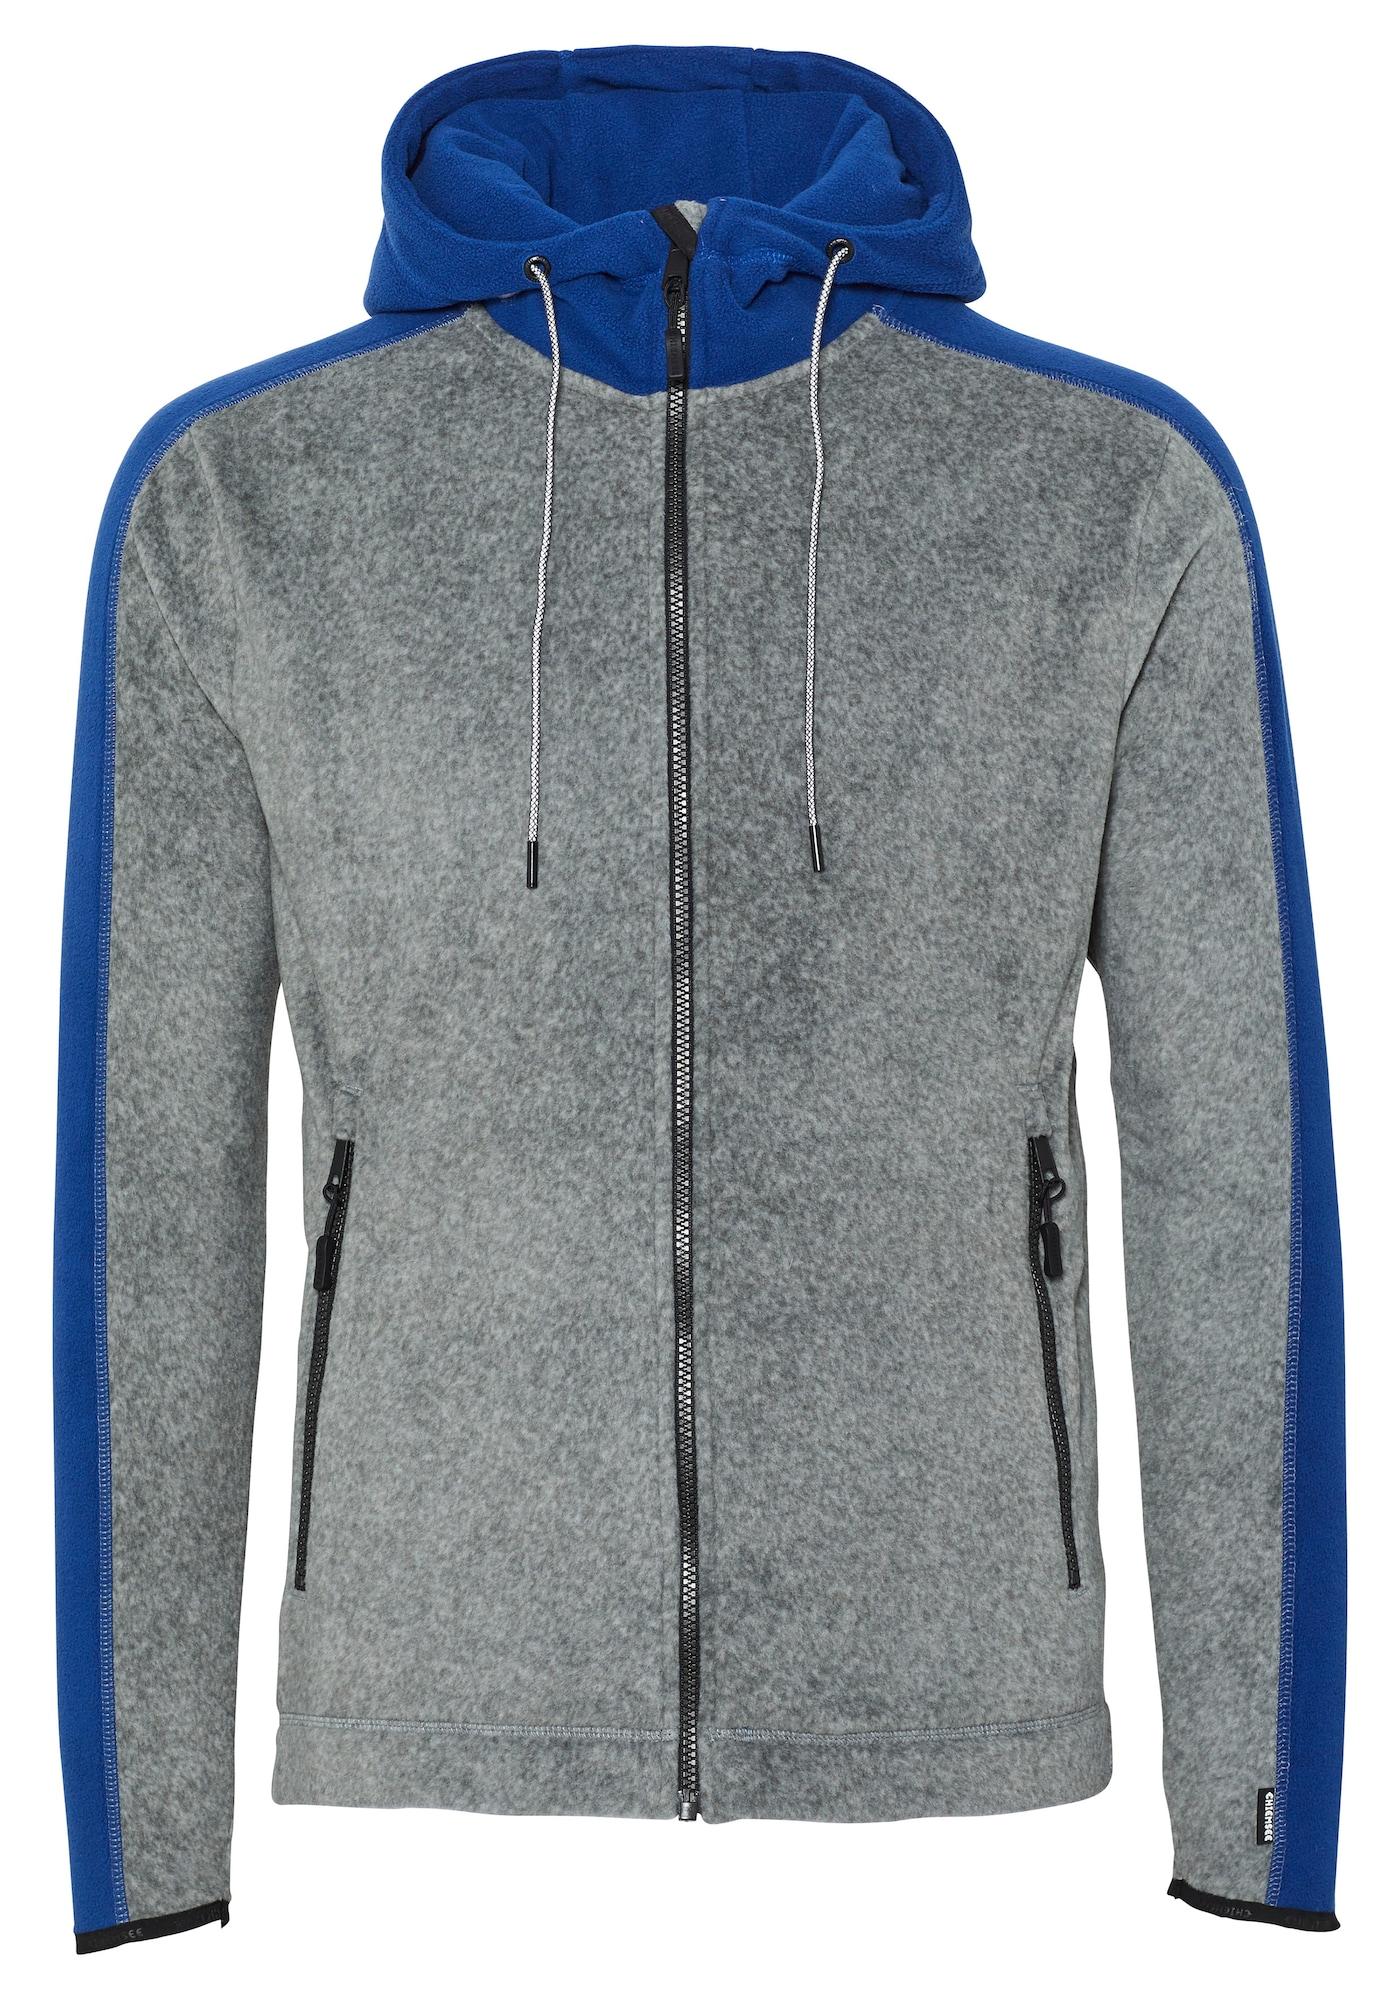 CHIEMSEE Funkcinis flisinis džemperis šviesiai pilka / mėlyna